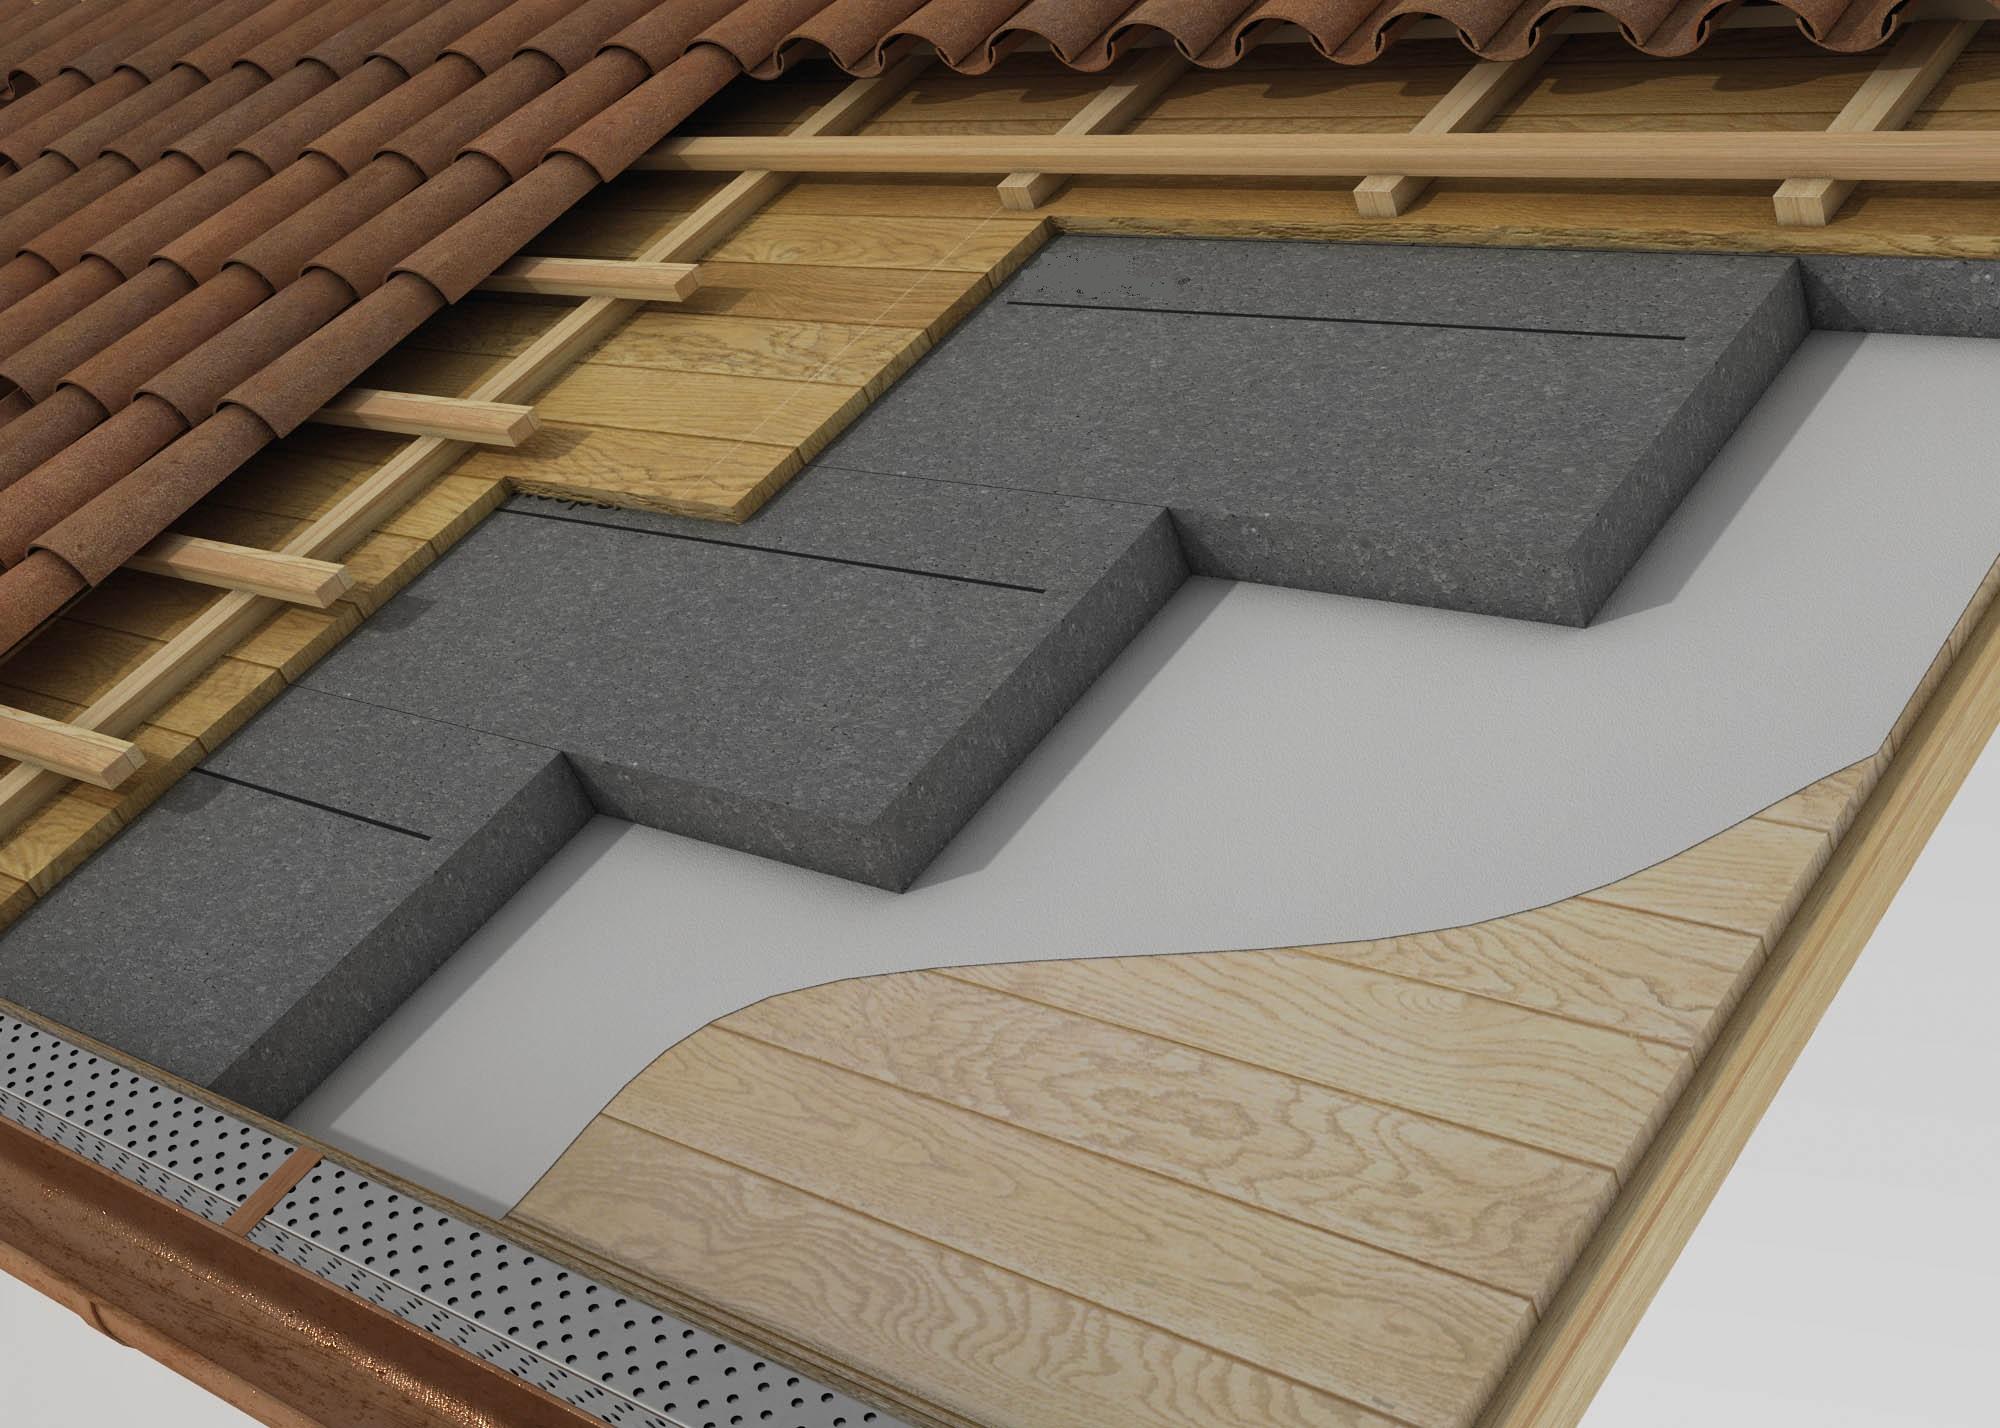 Tetto ventilato e non ventilato isoltherm for Tetti in legno particolari costruttivi